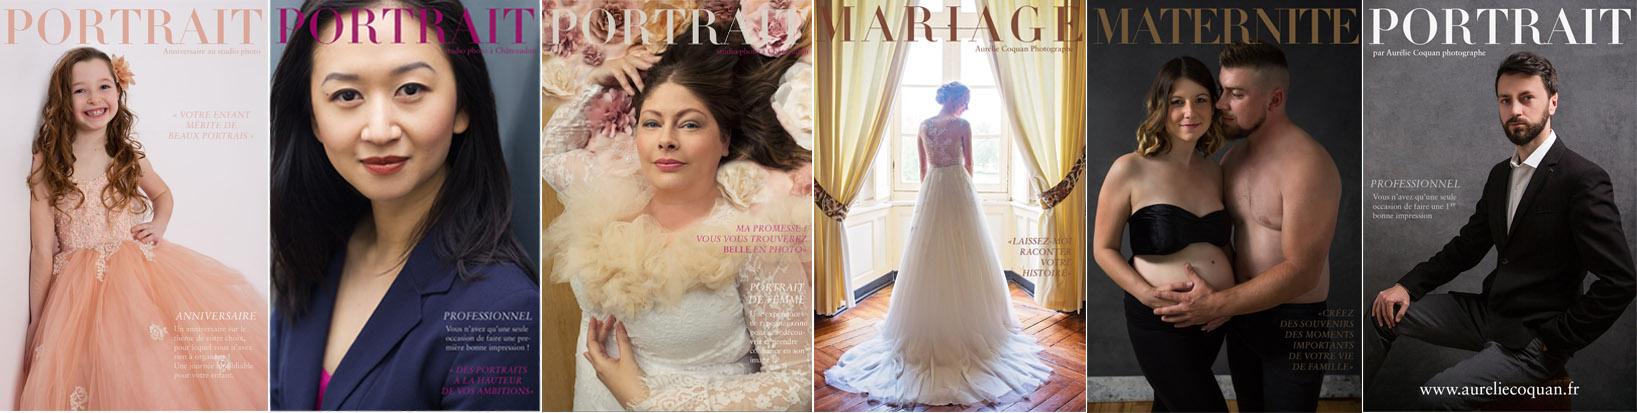 Aurélie Coquan photographe à Châteaudun : panel de photos comprenant photo de mariée, photo de couple grossesse, portrait professionnel, portrait de femme et anniversaire enfant